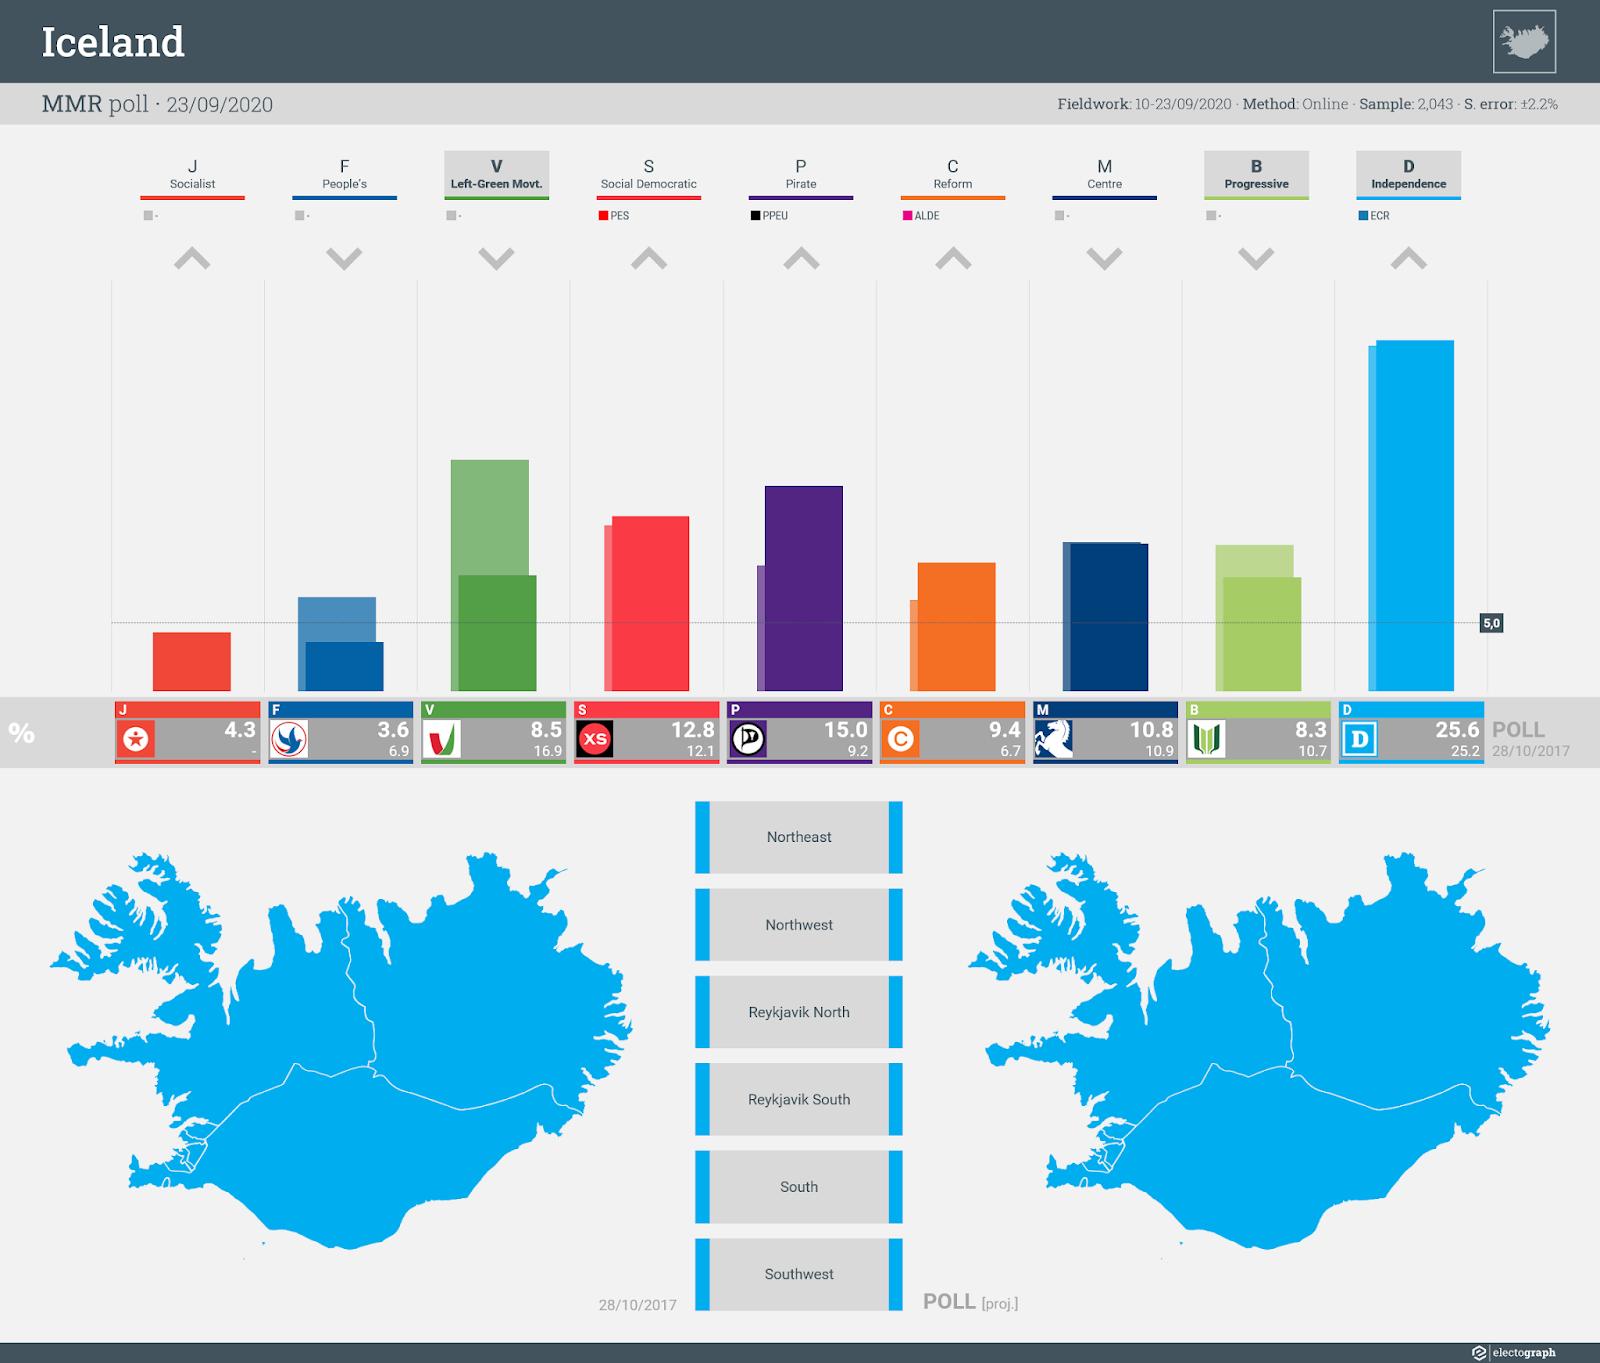 ICELAND: MMR poll chart, 23 September 2020